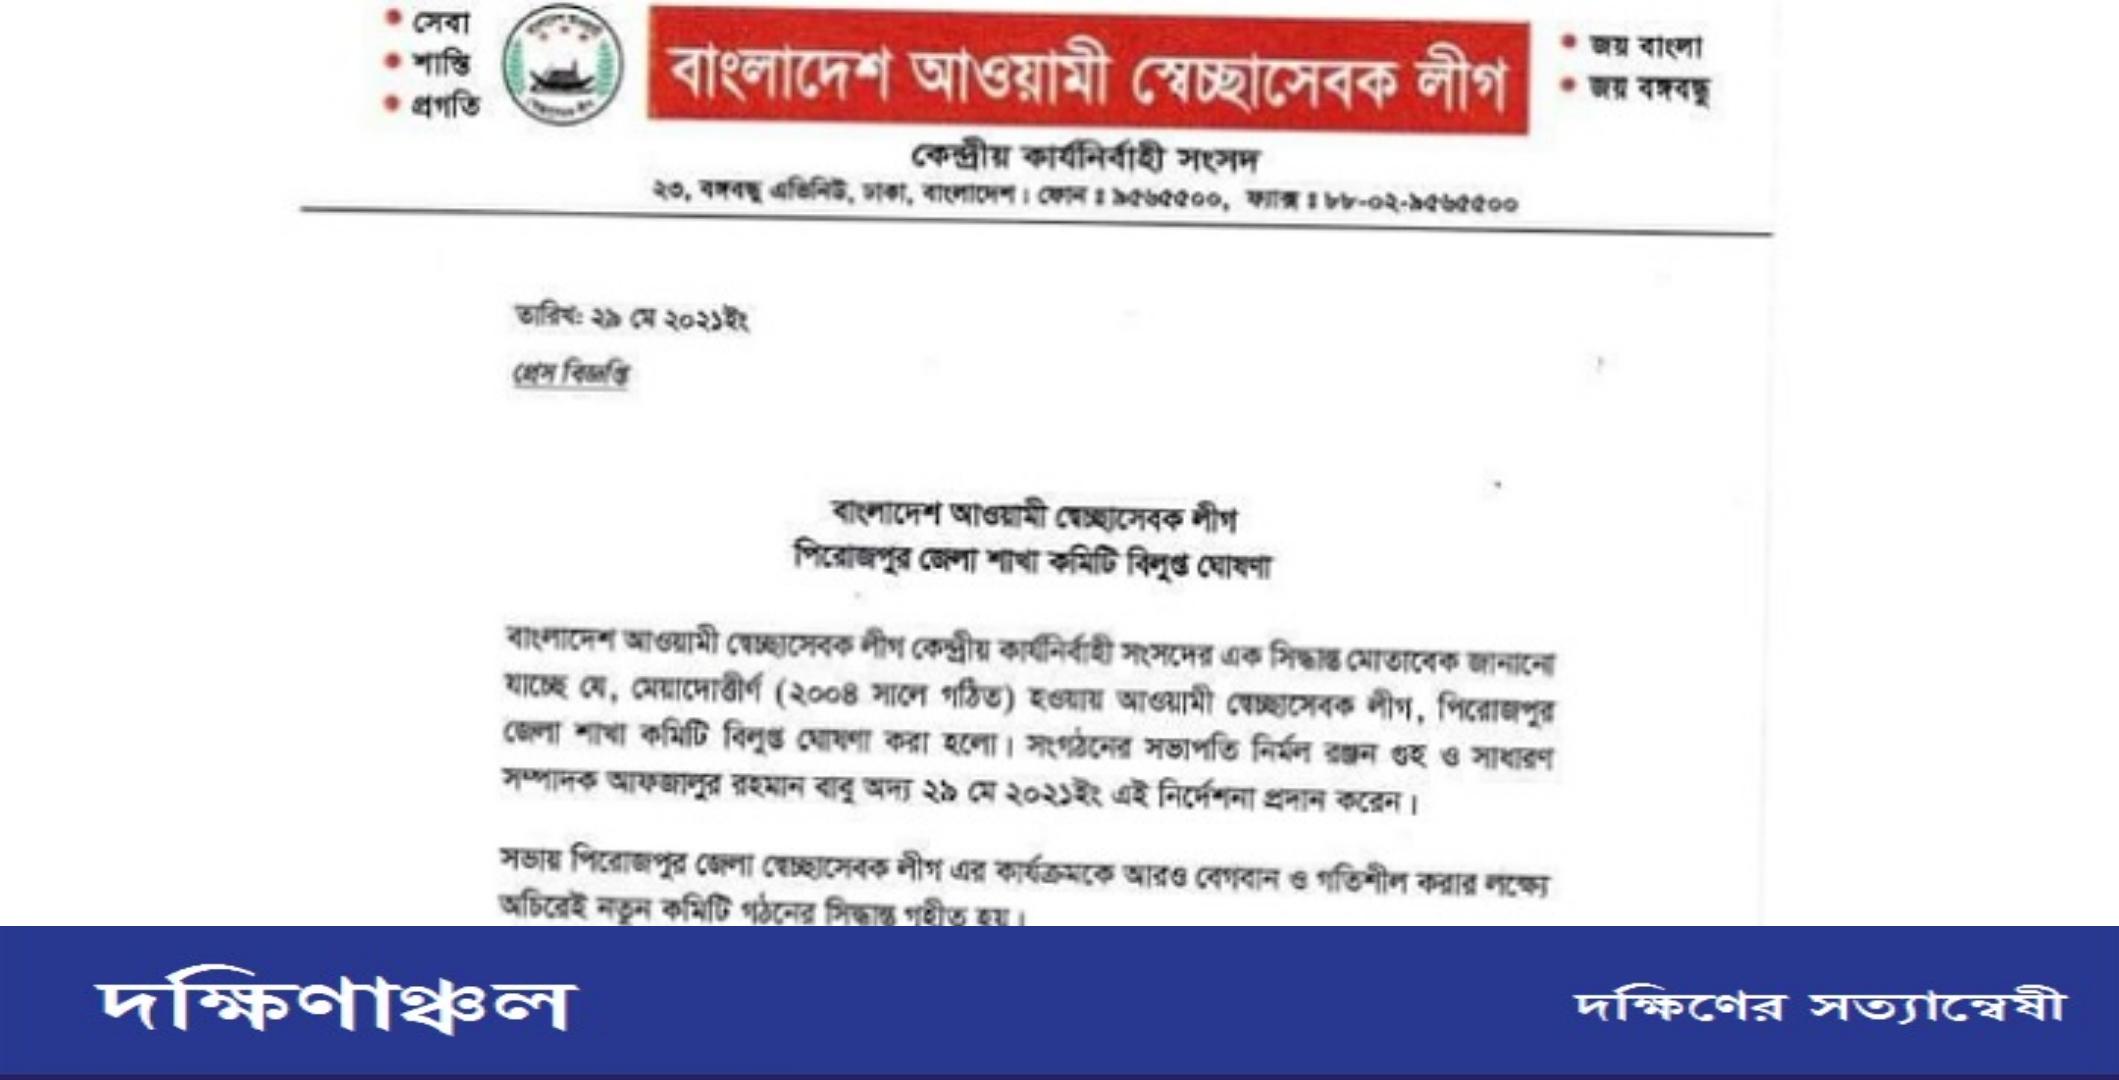 পিরোজপুর জেলা স্বেচ্ছাসেবক লীগের আহবায়ক কমিটি বিলুপ্ত